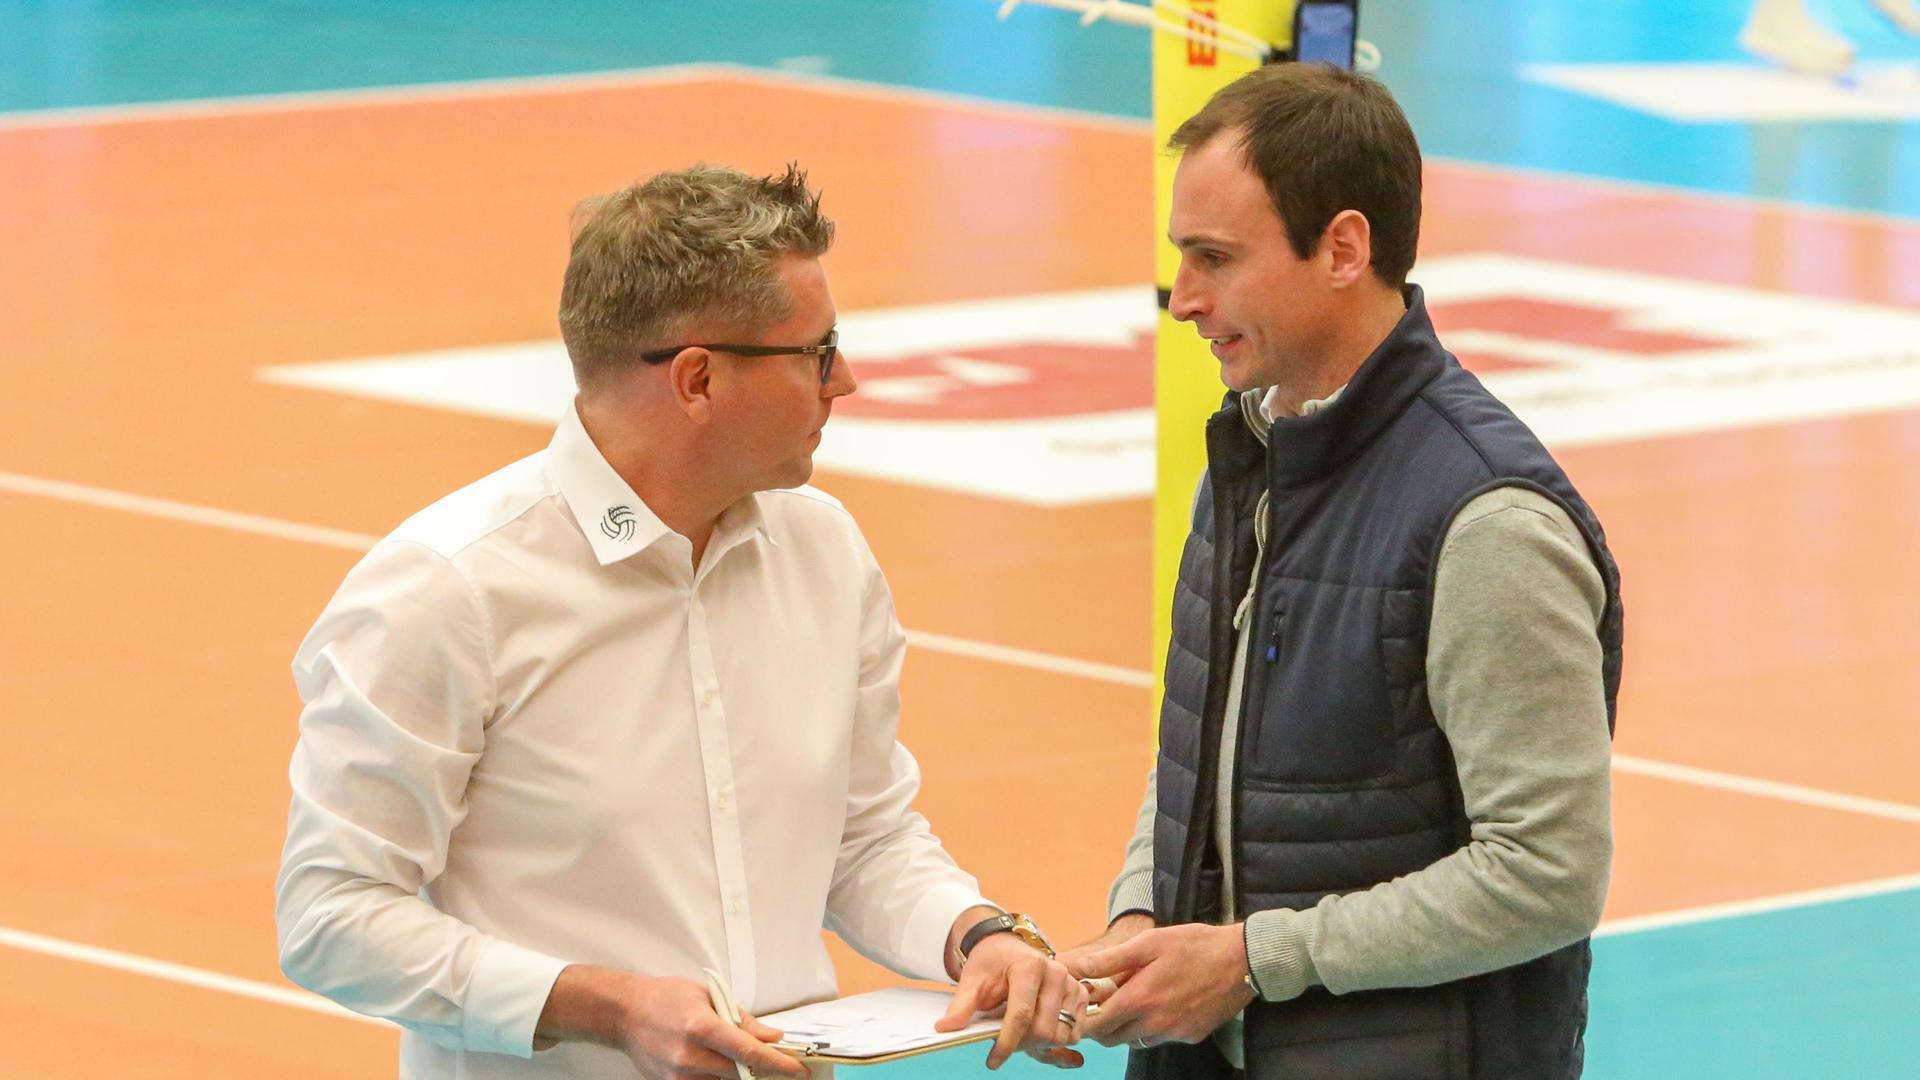 Volleyball-Bundesliga, Bisons Bühl, Bisons-Manager Oliver Stolle (links) und Cheftrainer Alejandro Kolevich